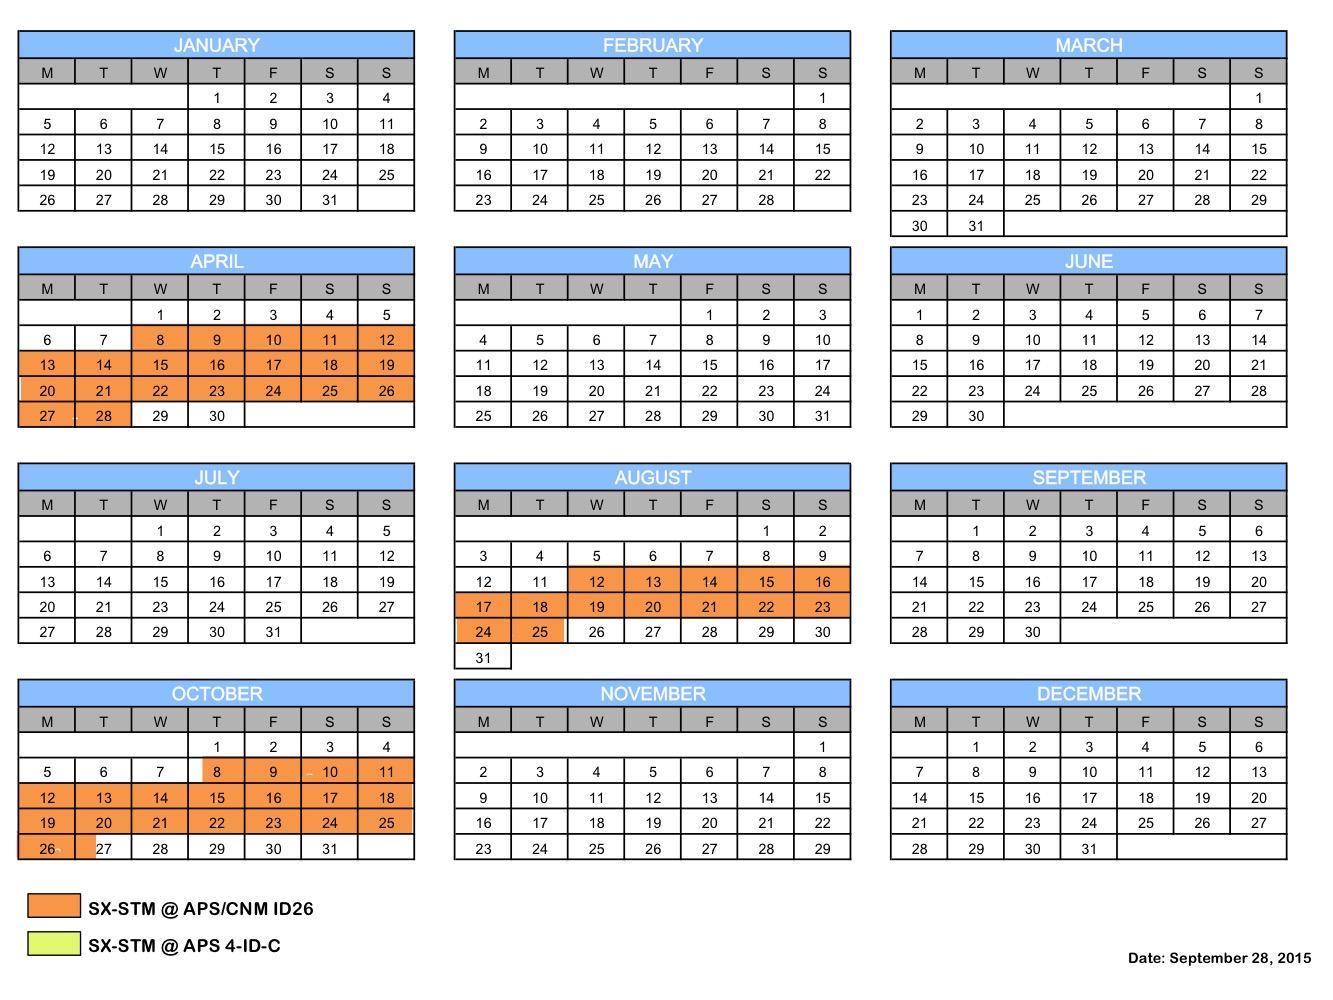 SX-STM schedule 2015